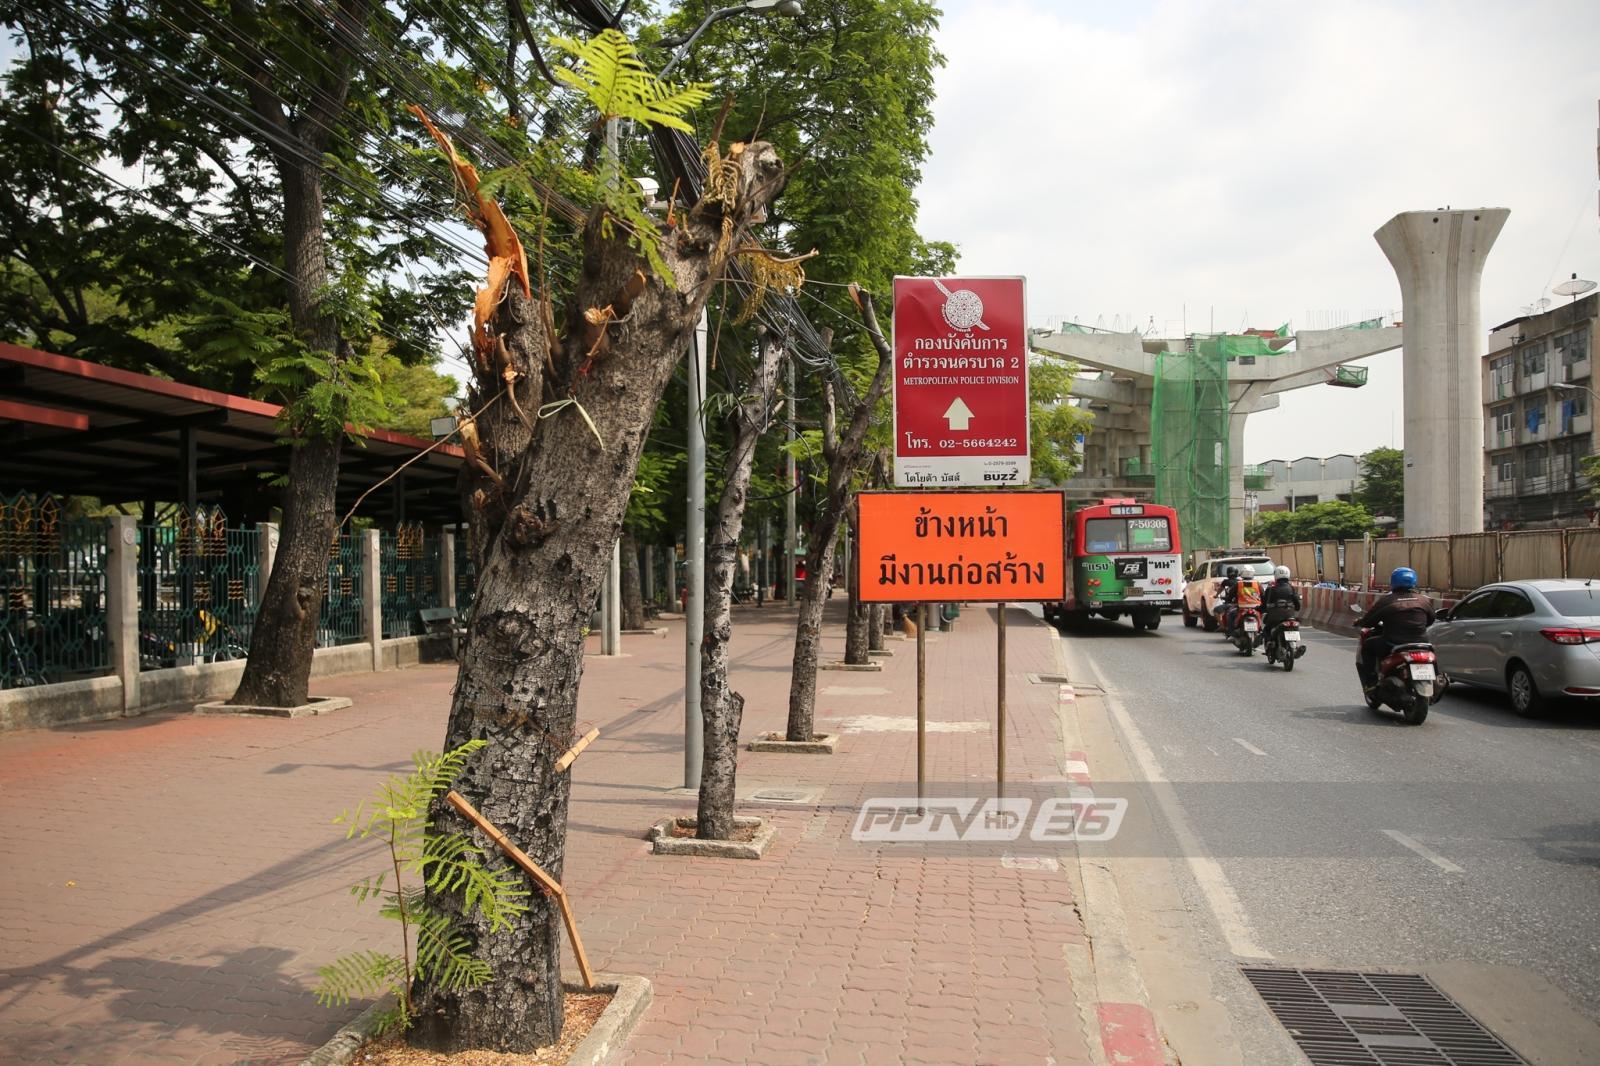 """เสียงเรียกจาก """"ต้นไม้ในเมือง"""" ผู้ประสบภัยเขตก่อสร้างรถไฟฟ้า"""